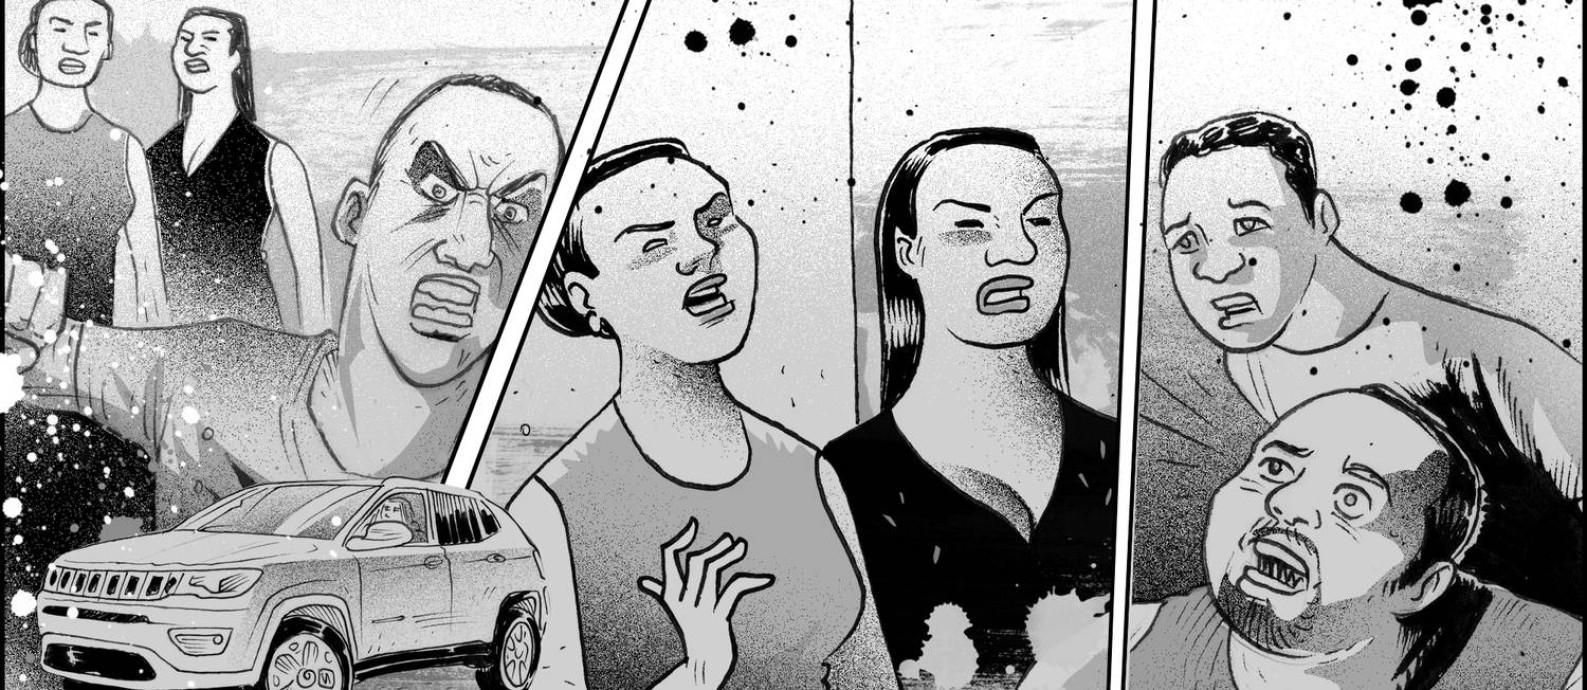 Pai, mãe e filho foram mortos em São Bernardo do Campo (SP) e tiveram os corpos carbonizados Foto: Ilustração de André Mello